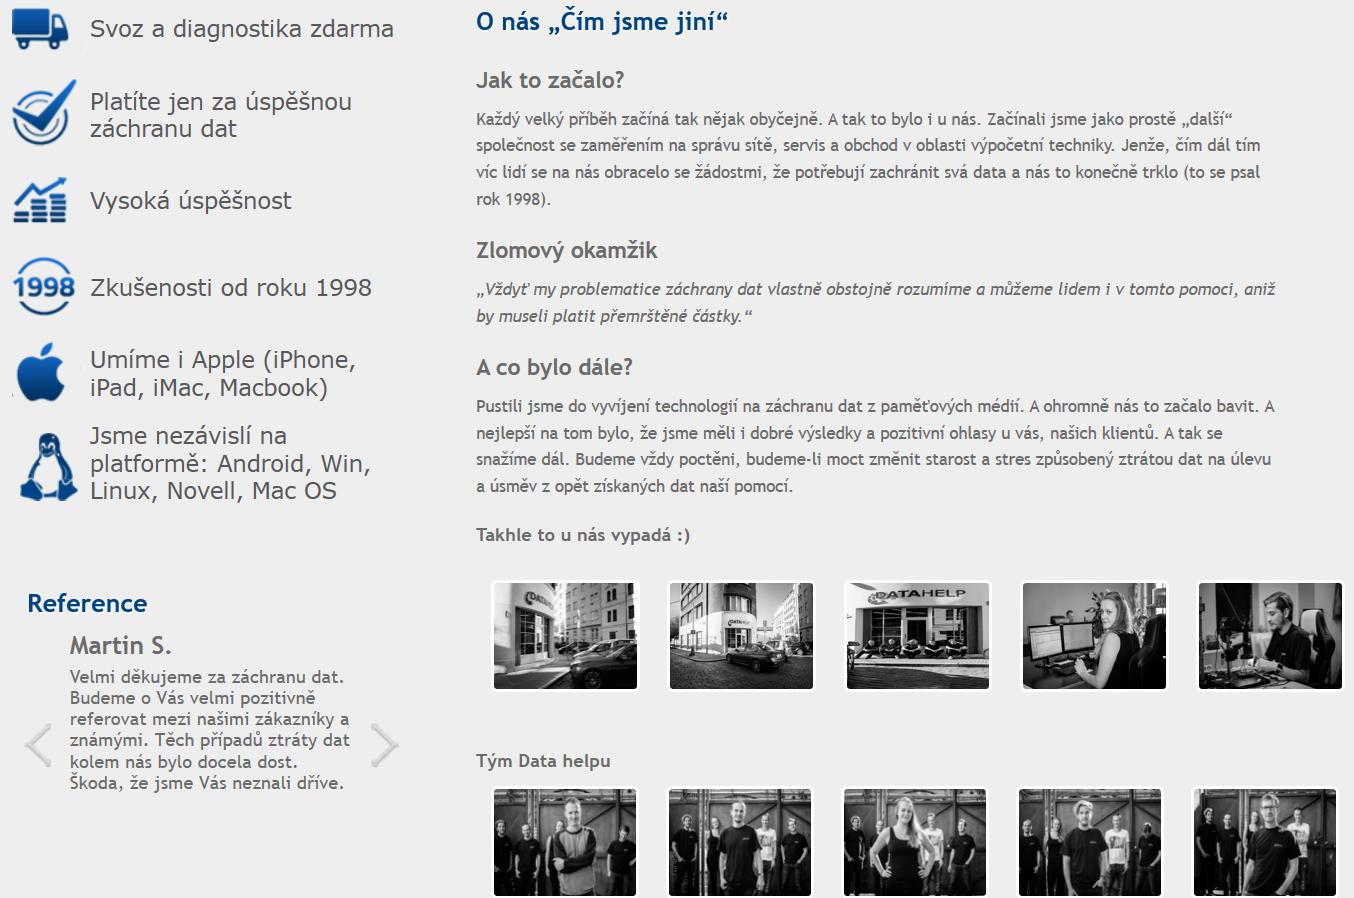 DataHelp | ukázka tvorby – obohacení webového obsahu firemním focením